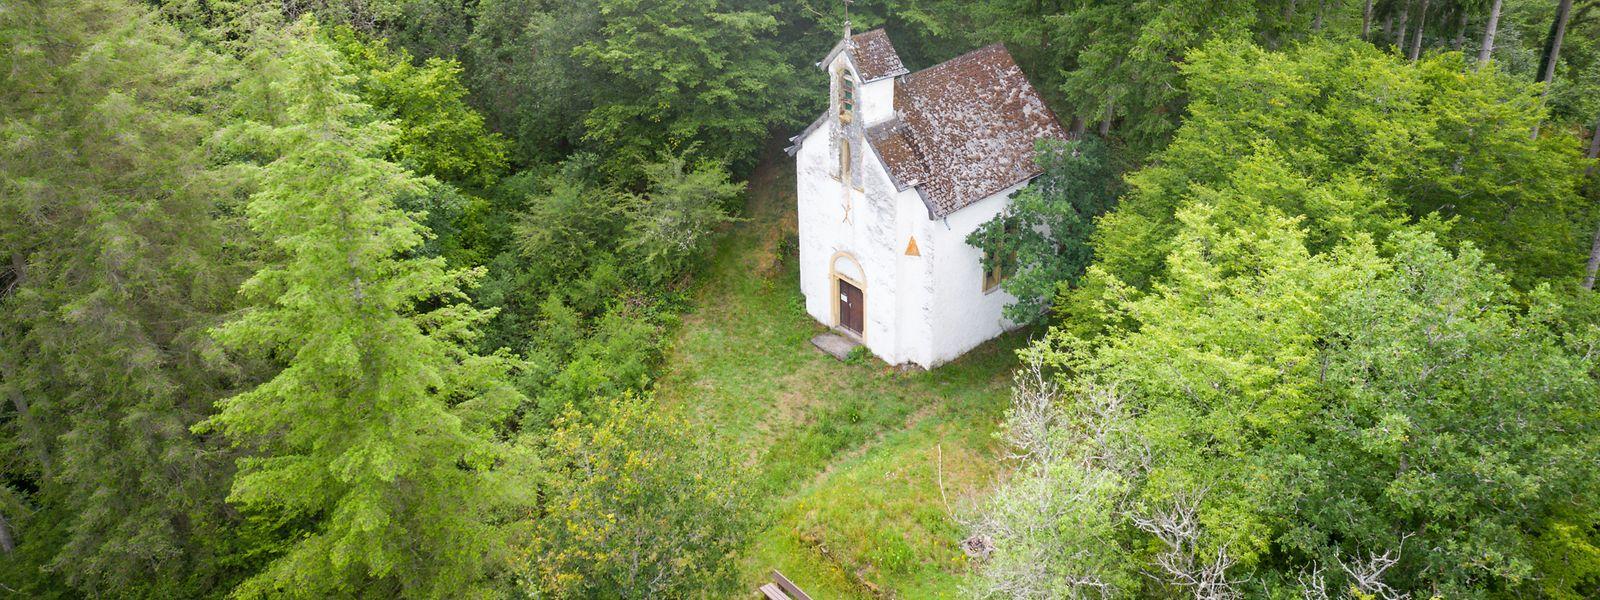 Die Méchelskapell in Oberschlinder ist einer dieser mystischen Orte, die viele Wanderer in das Ösling zieht.